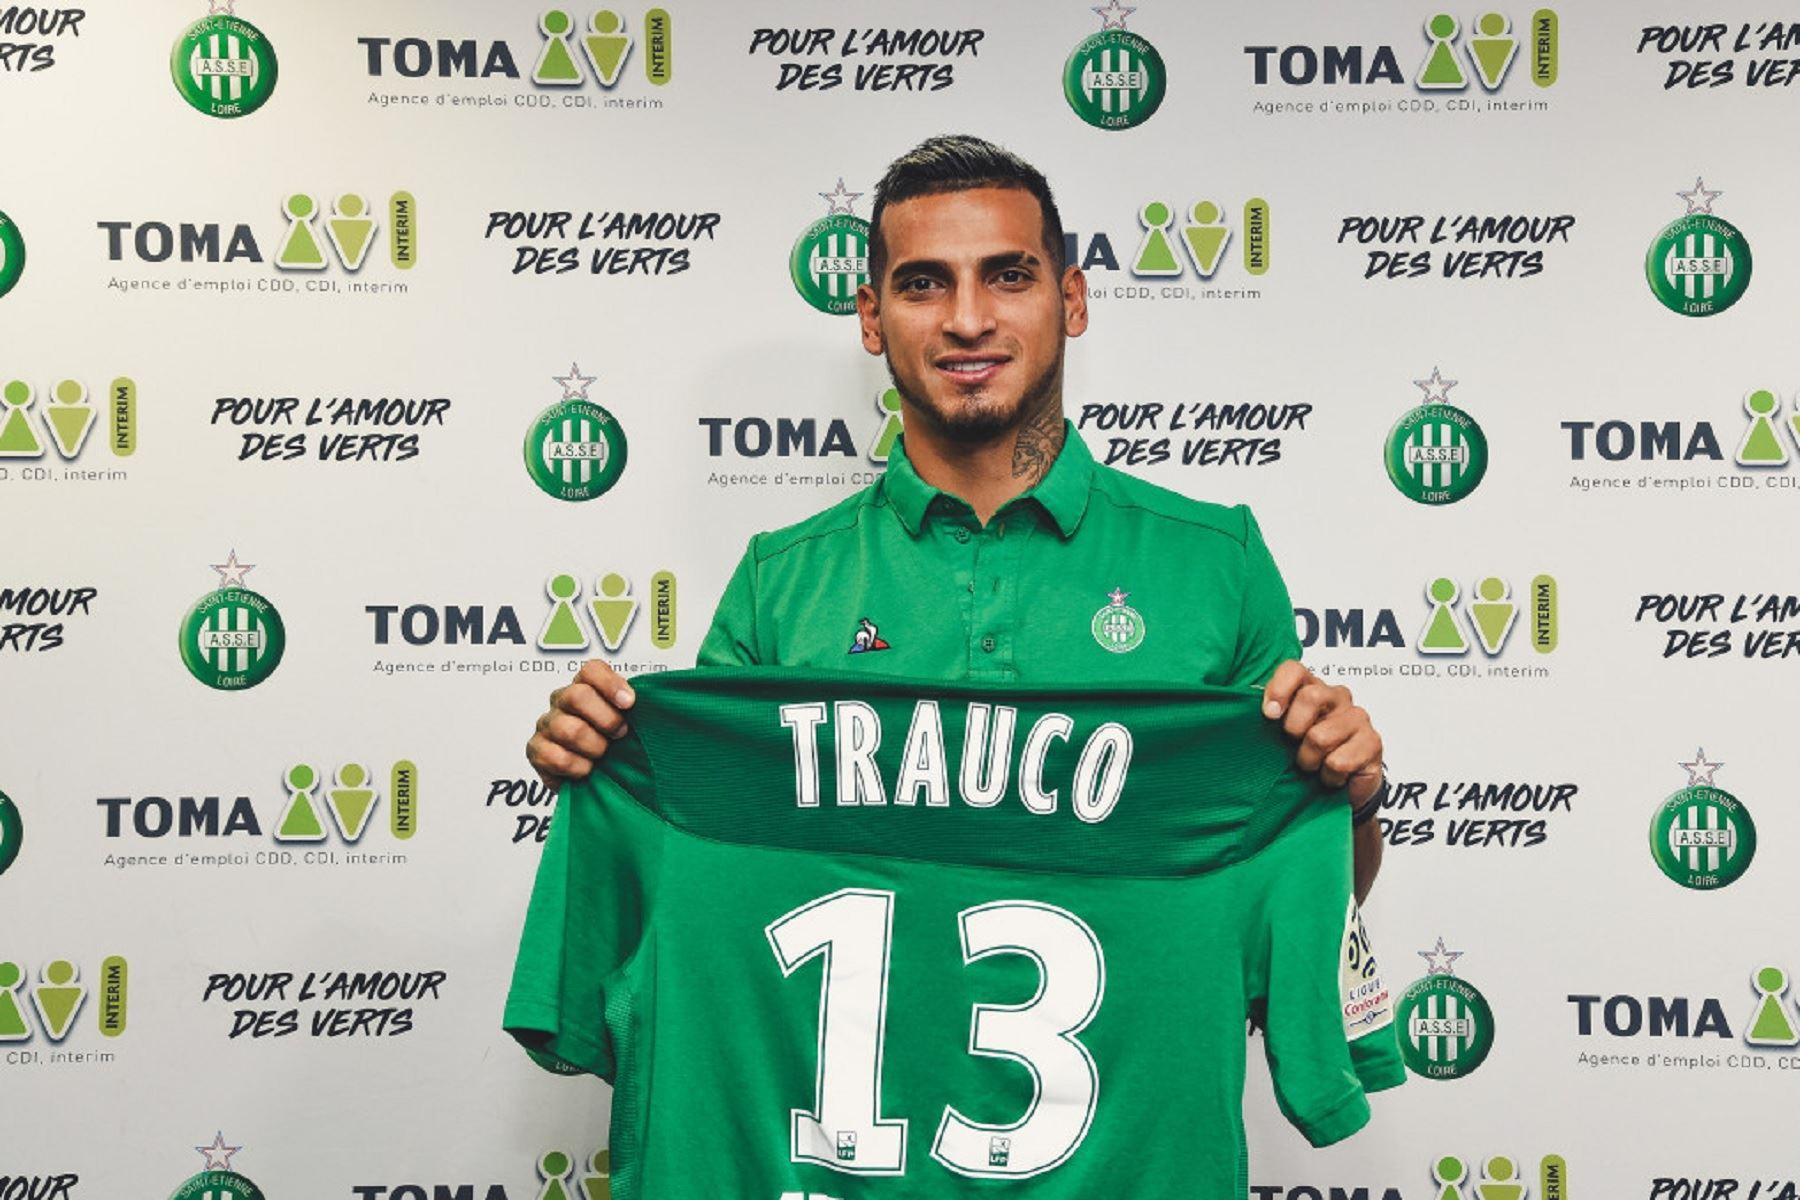 Miguel Trauco jugará en la Ligue 1. Foto: Saint Etienne.